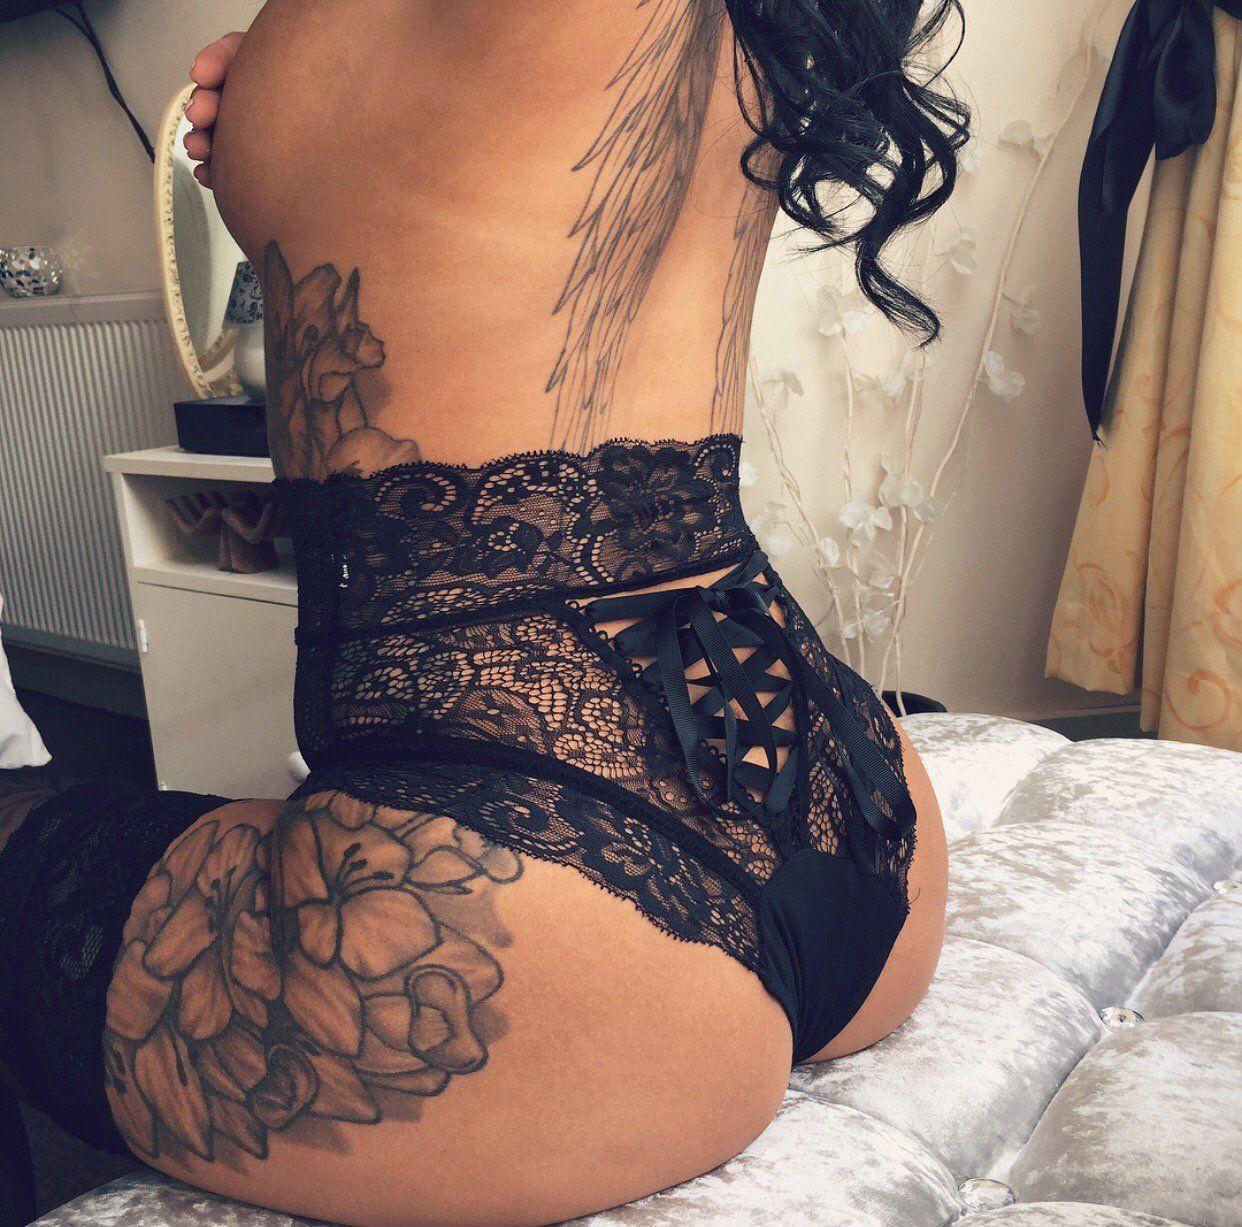 Tia Mendez nudes (77 fotos), hacked Sexy, iCloud, in bikini 2019